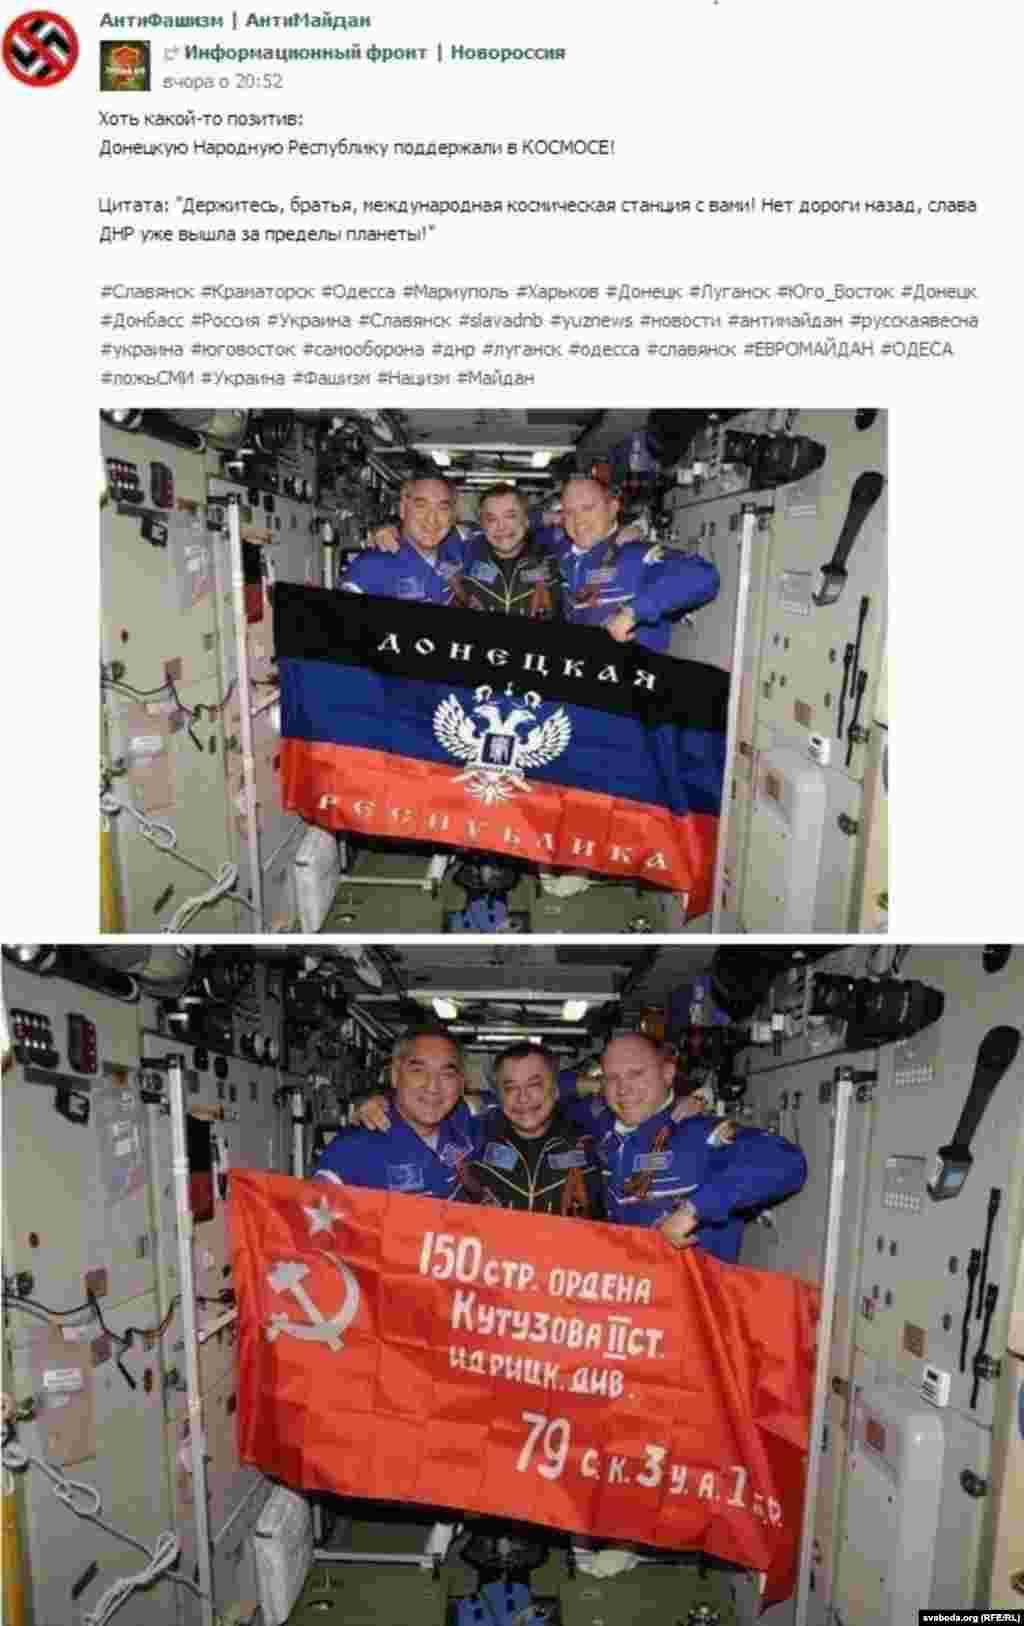 За допомогою фотошопу поширюється інформація, що космонавти нібито підтримують угруповання «Донецька народна республіка», яке в Україні визнано терористичною організацією